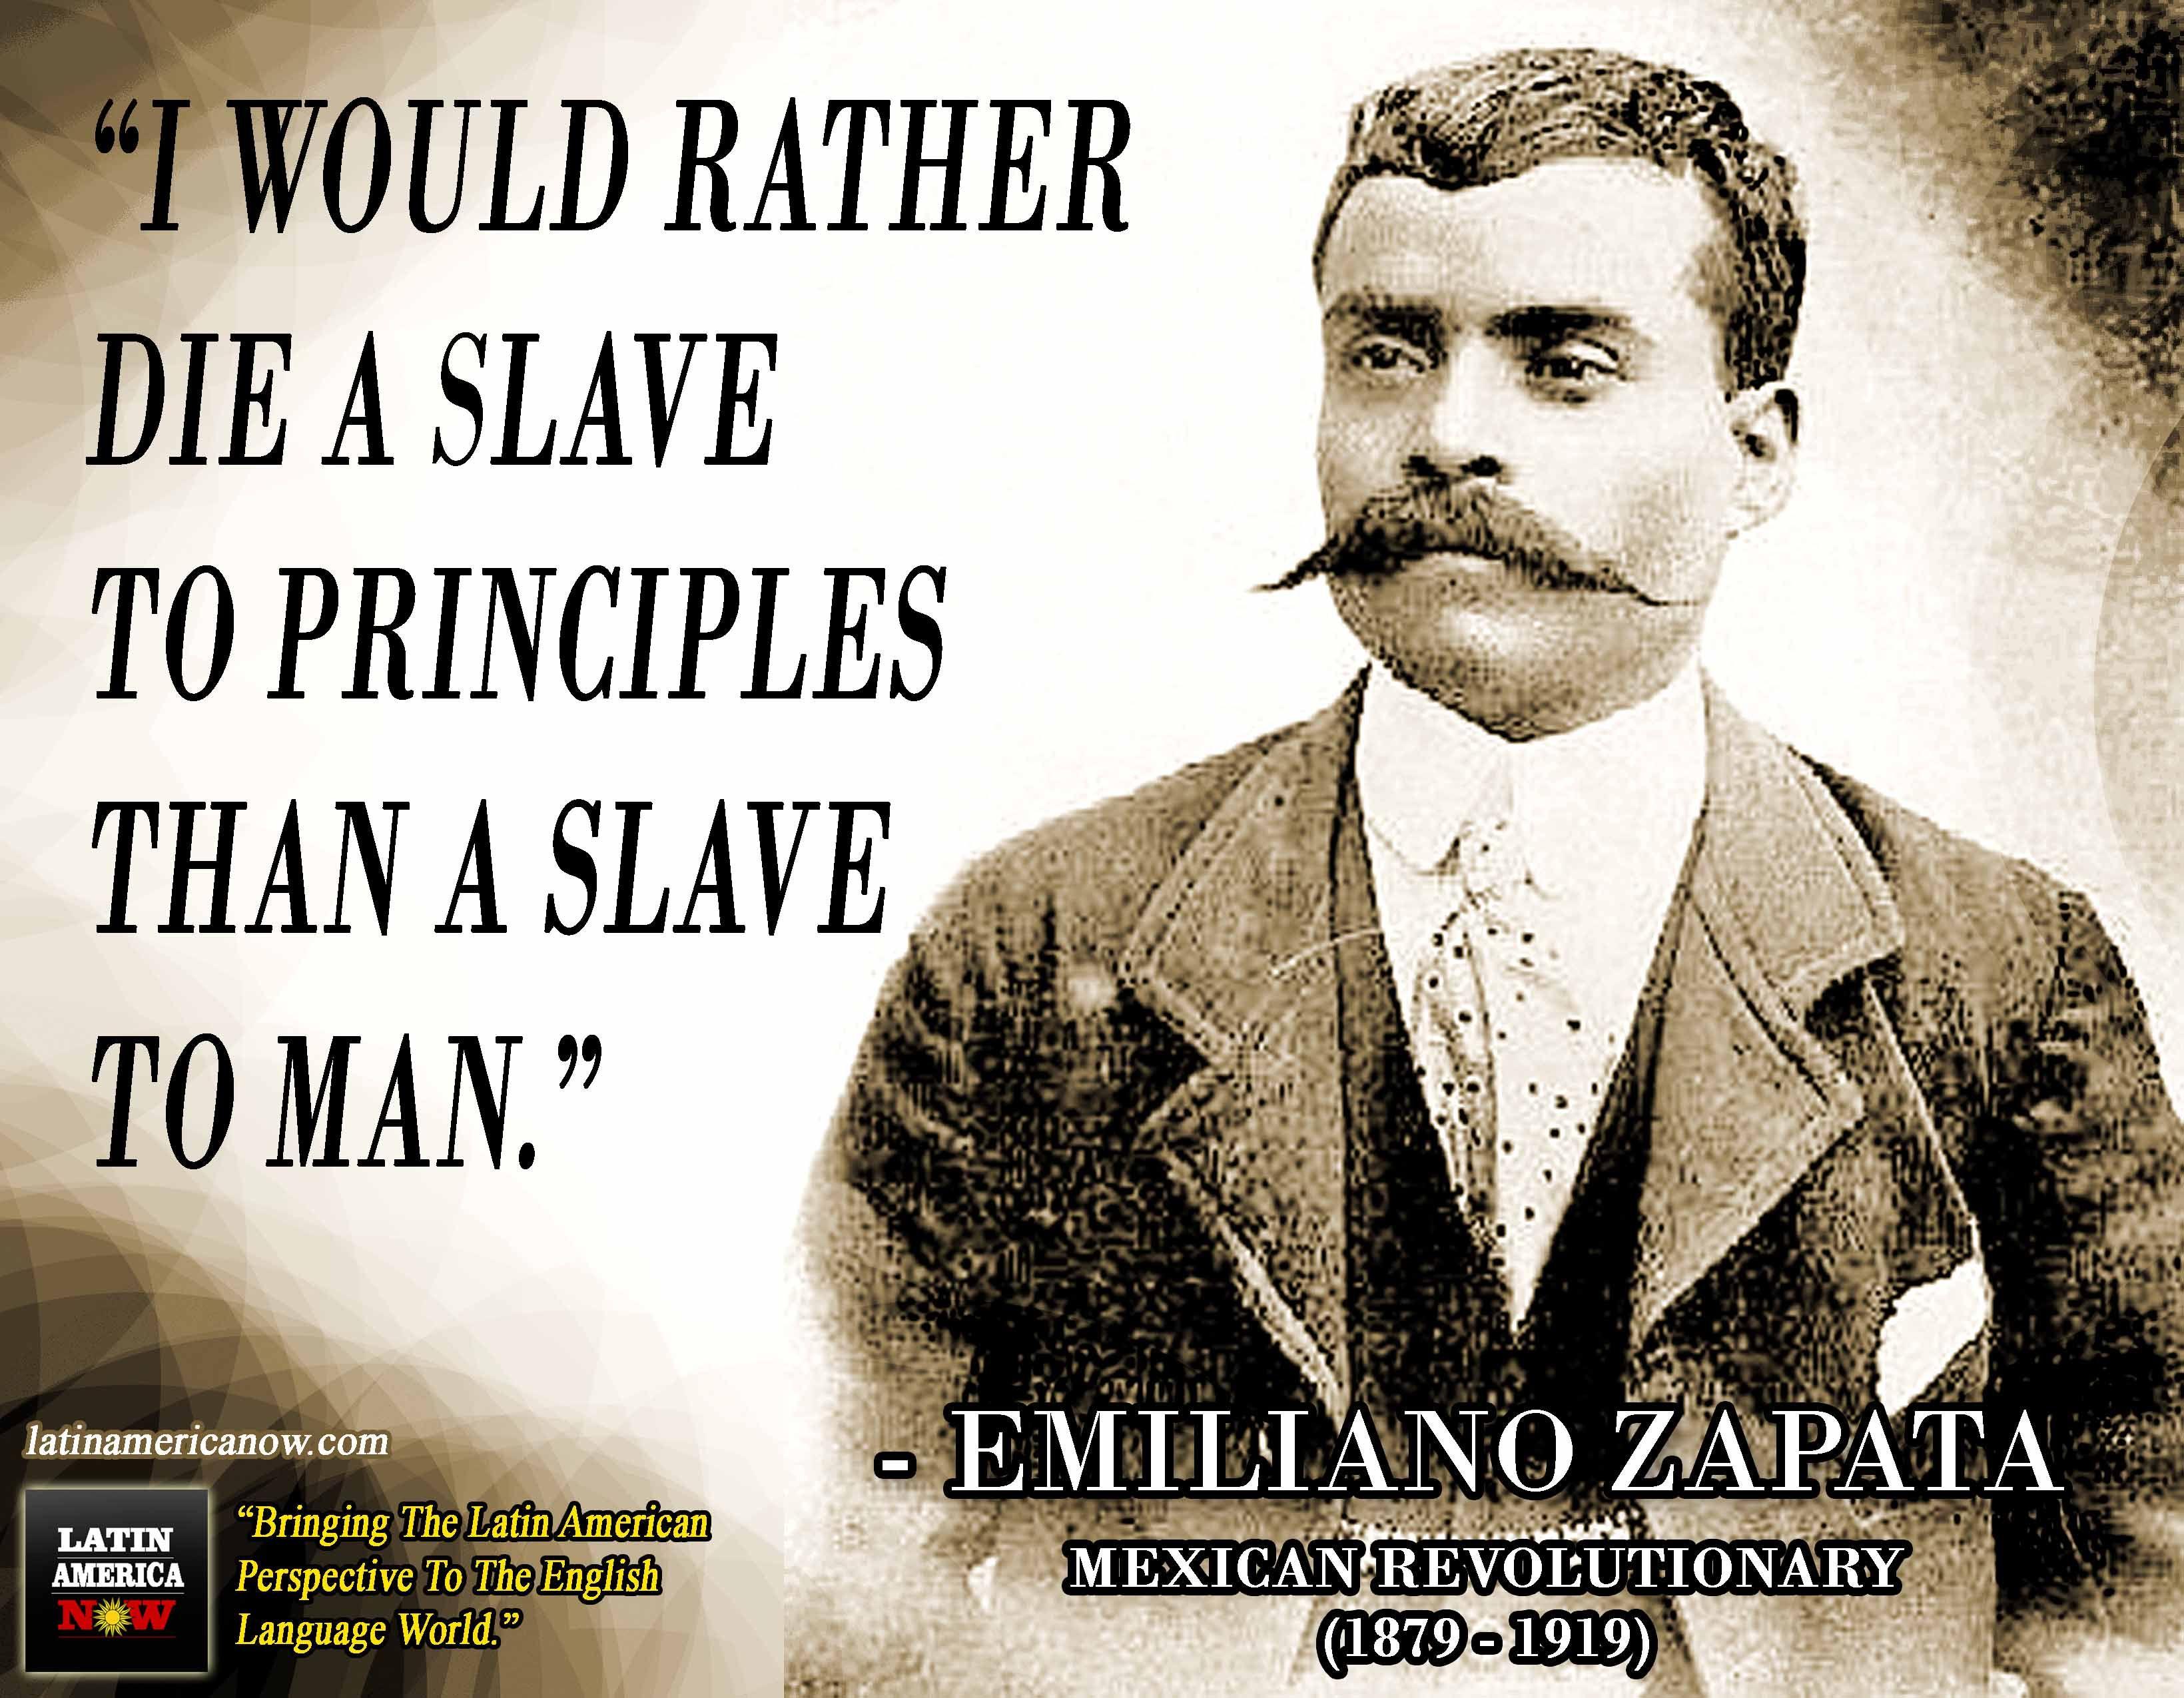 Emiliano Zapata Quotes Emiliano Zapata Quotes  Inspiration  Pinterest  Famous Quotes